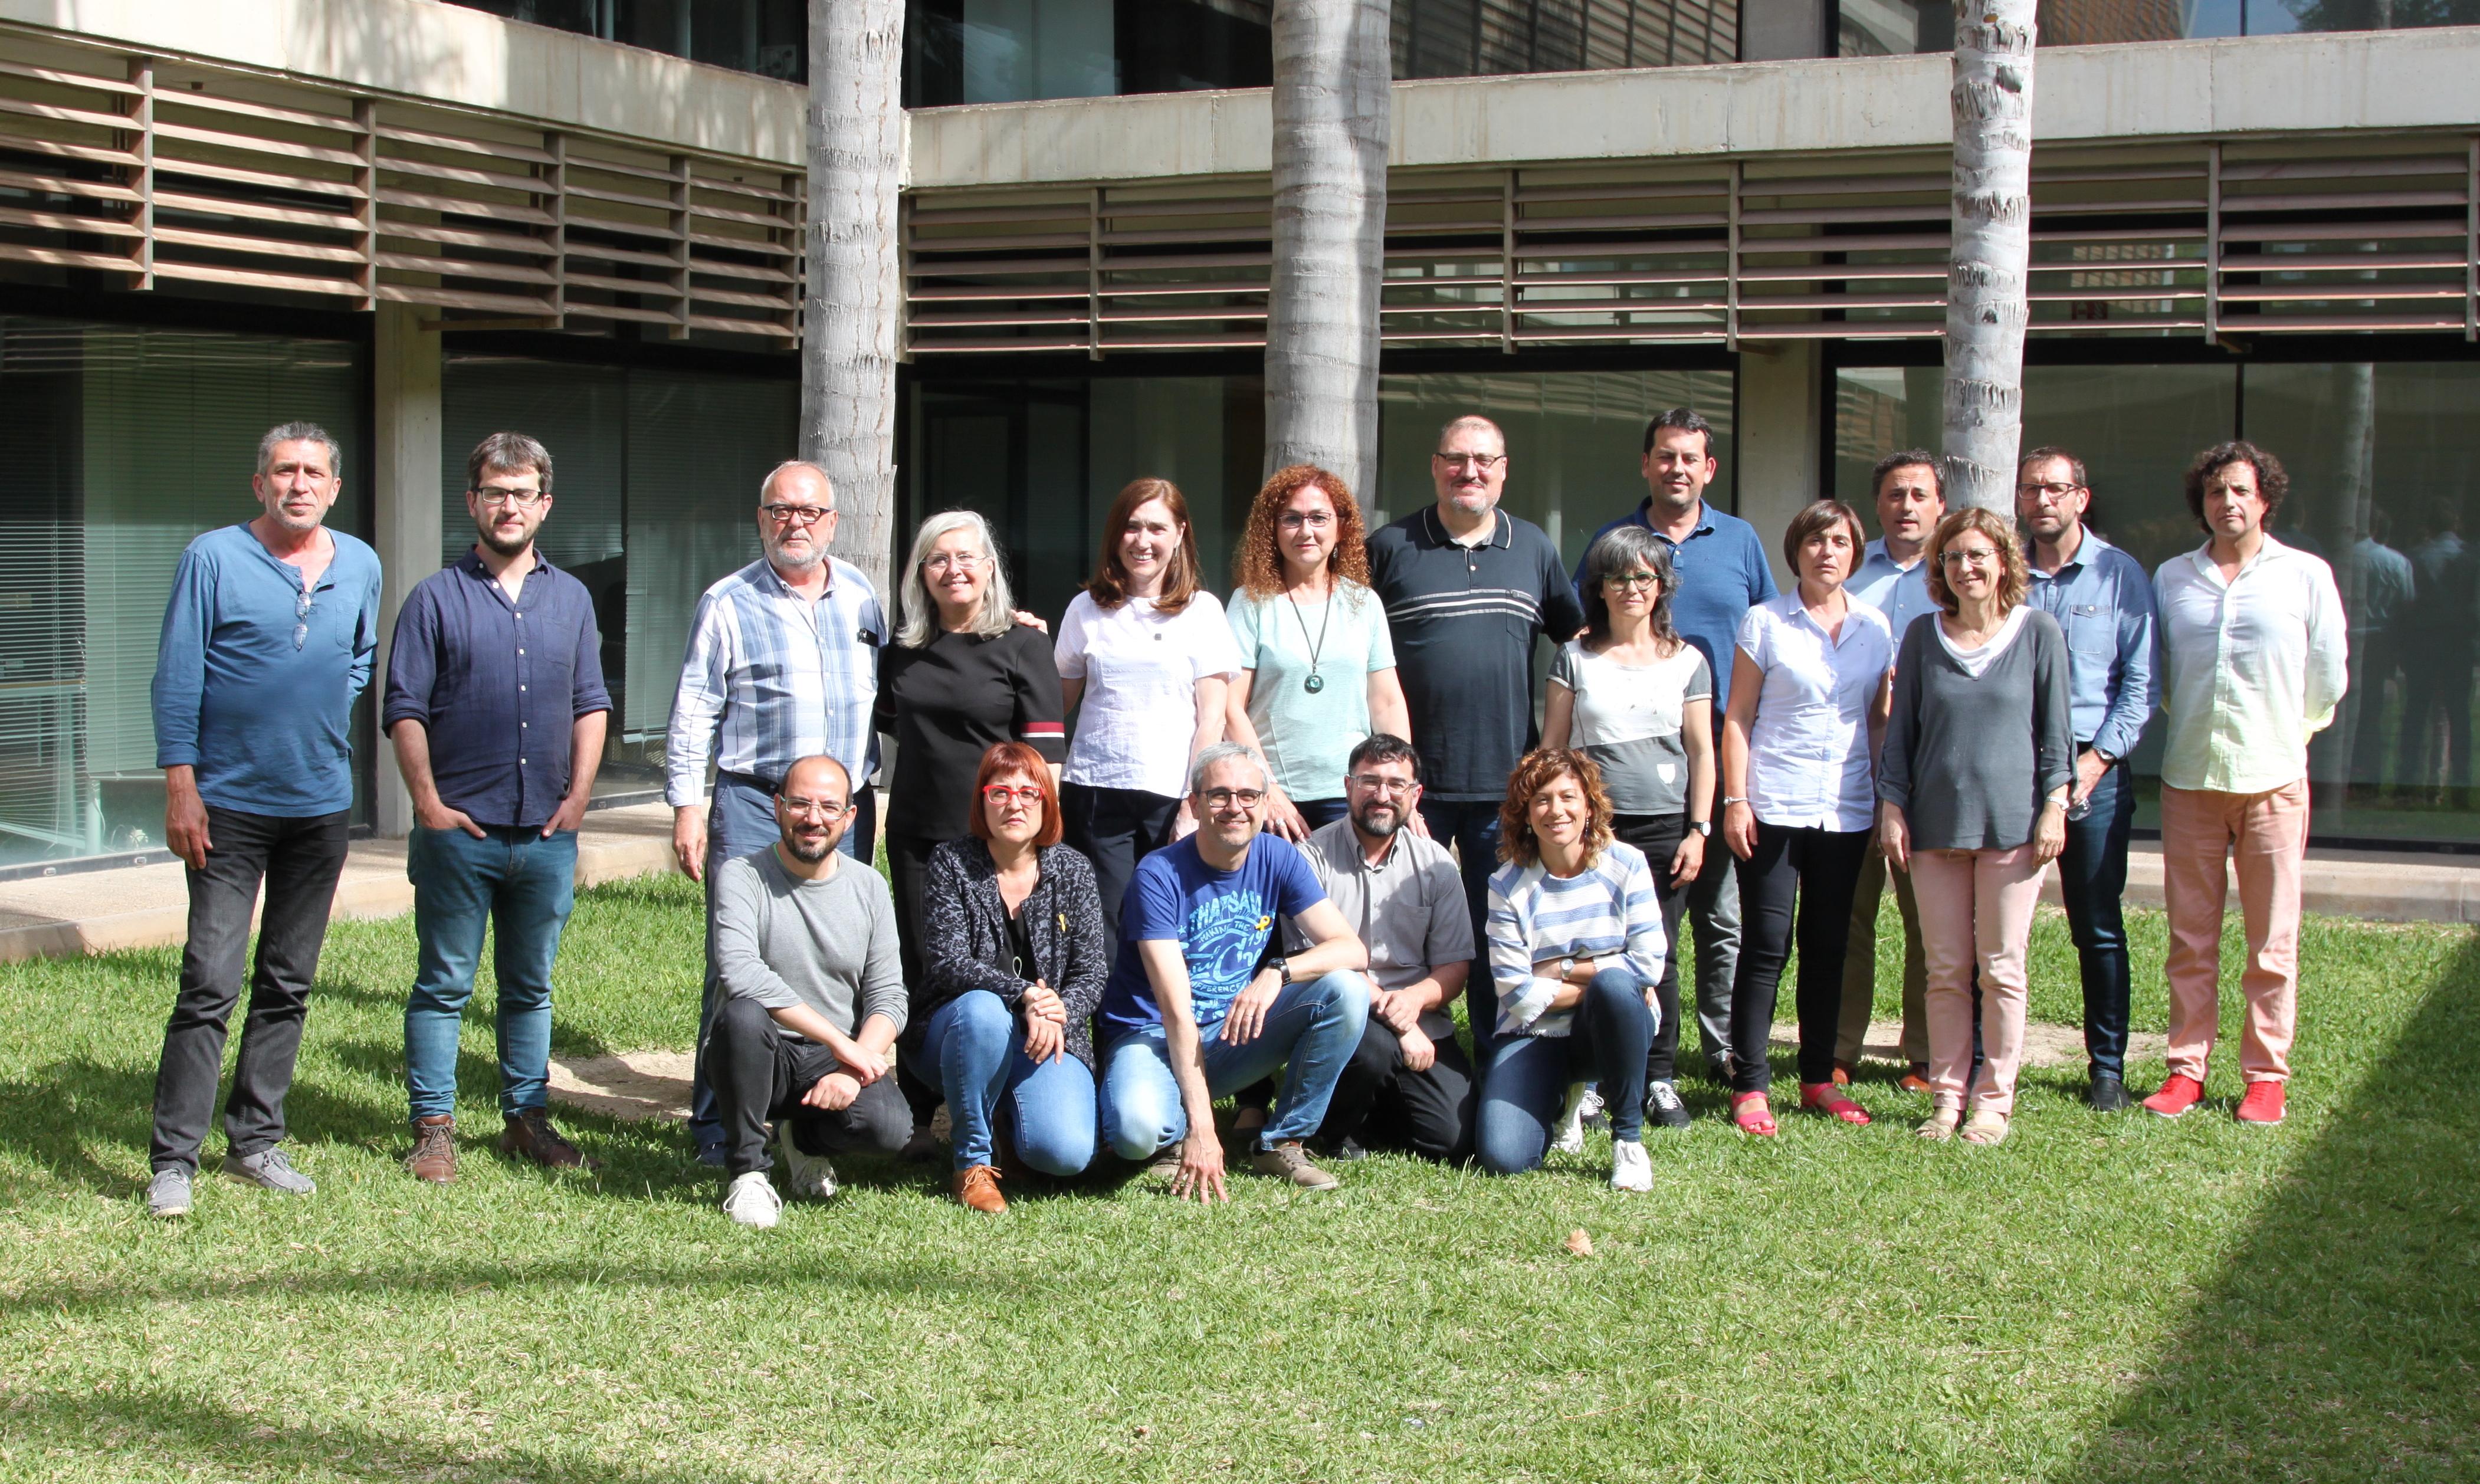 Les universitats de la Xarxa Vives acorden una estratègia conjunta per promoure la publicació científica en català